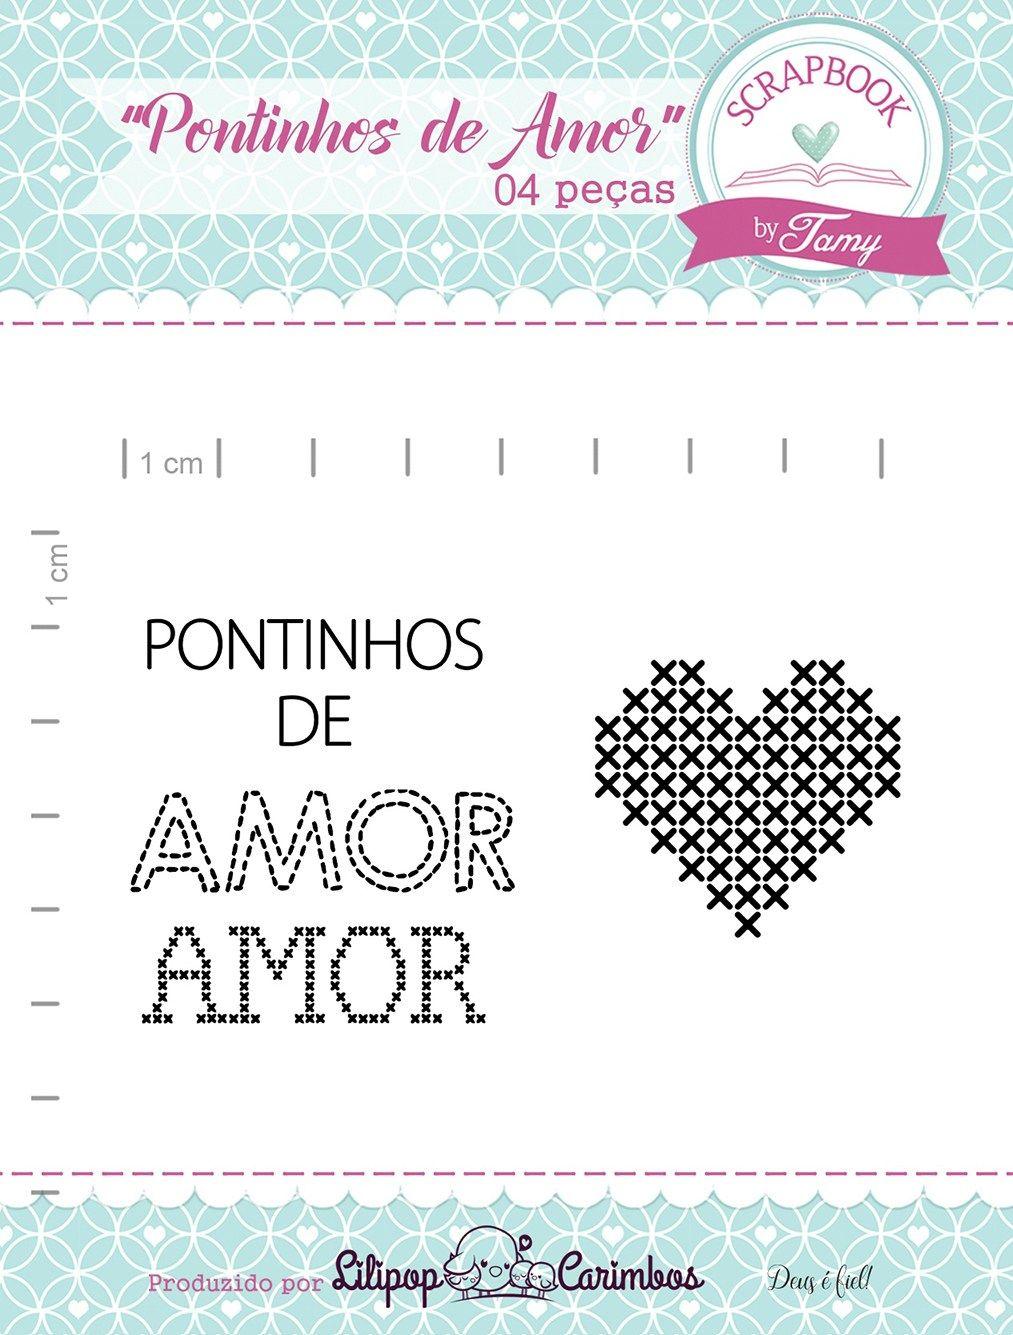 Kit de Carimbos - Pontinhos de Amor